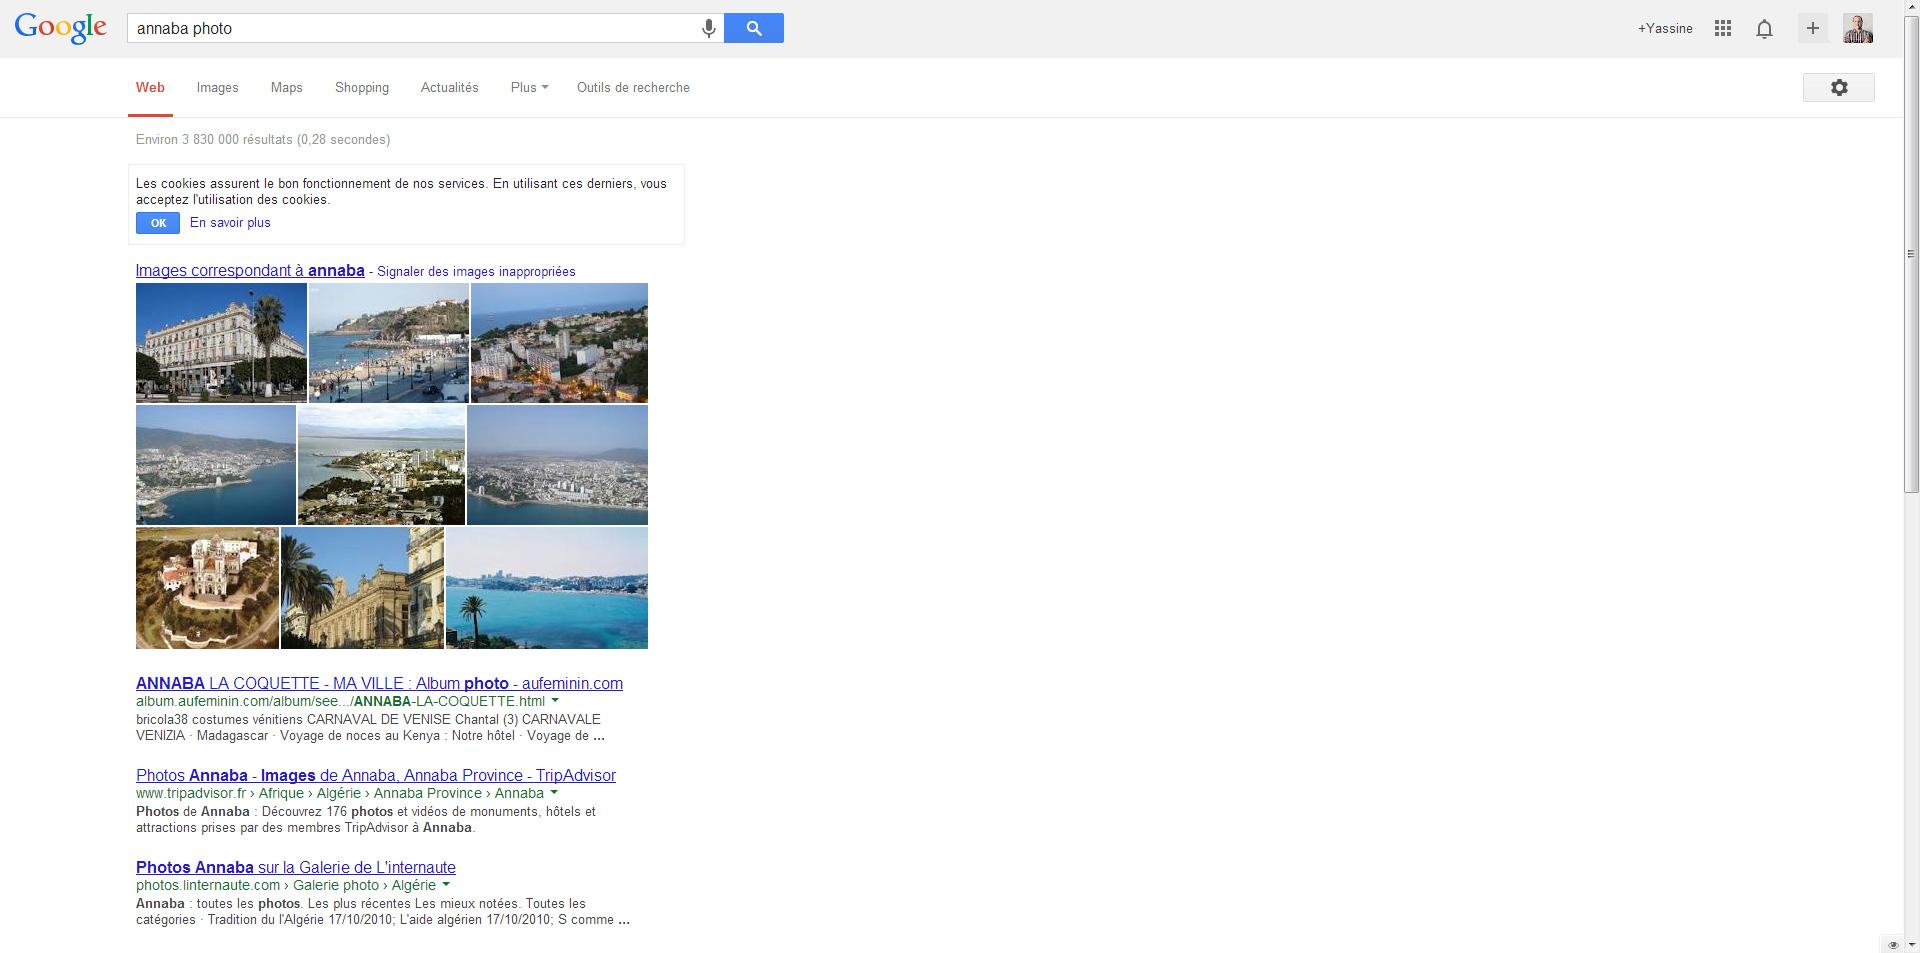 """Résultats de recherche de Google.fr : """"annaba photo"""""""